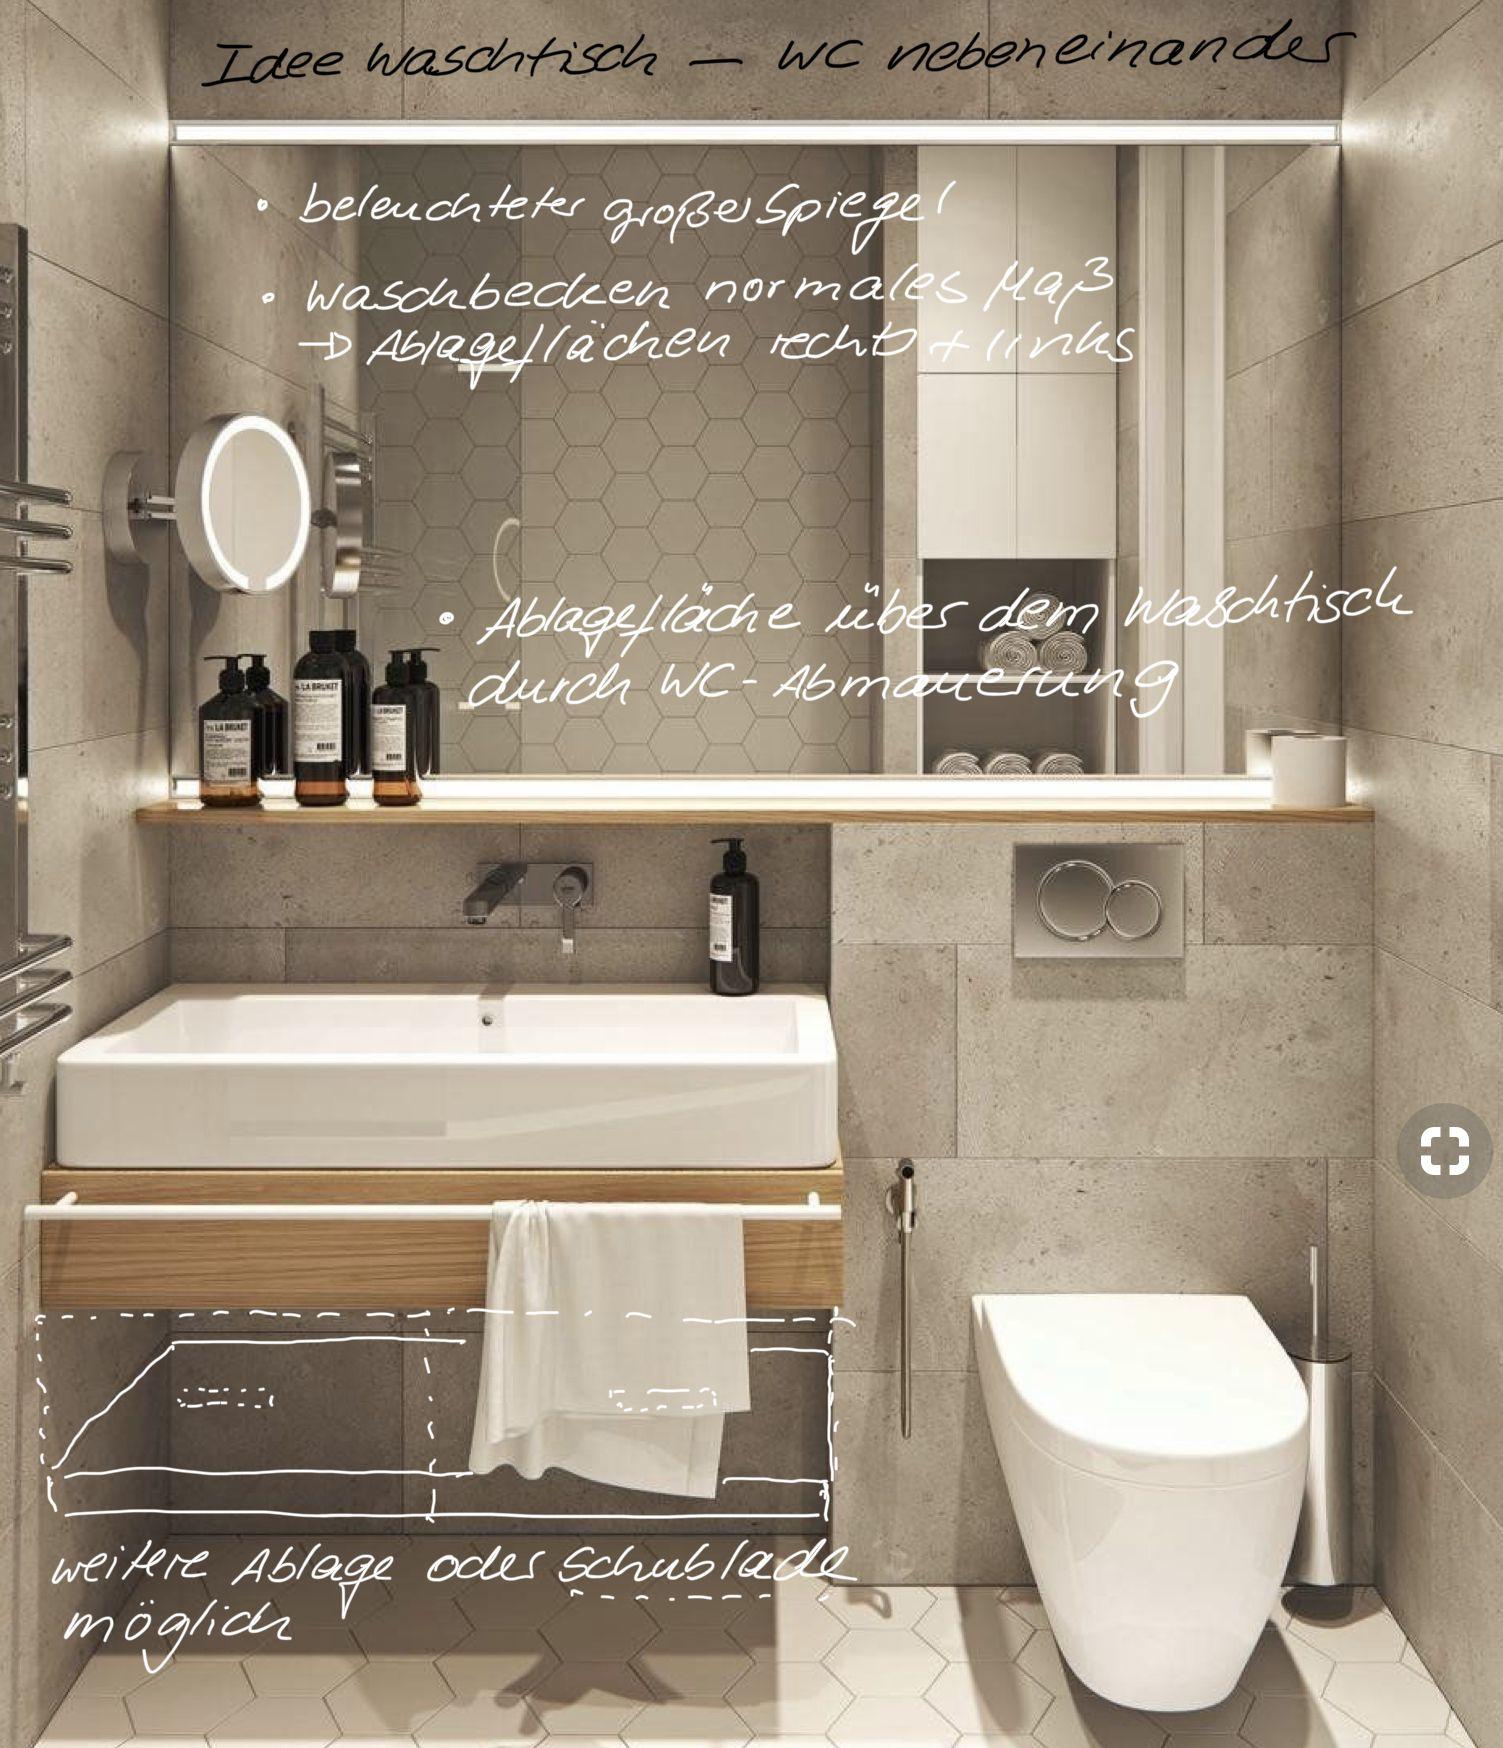 Waschtisch Und Wc Nebeneinander Wc Waschbecken Gaste Wc Badezimmer